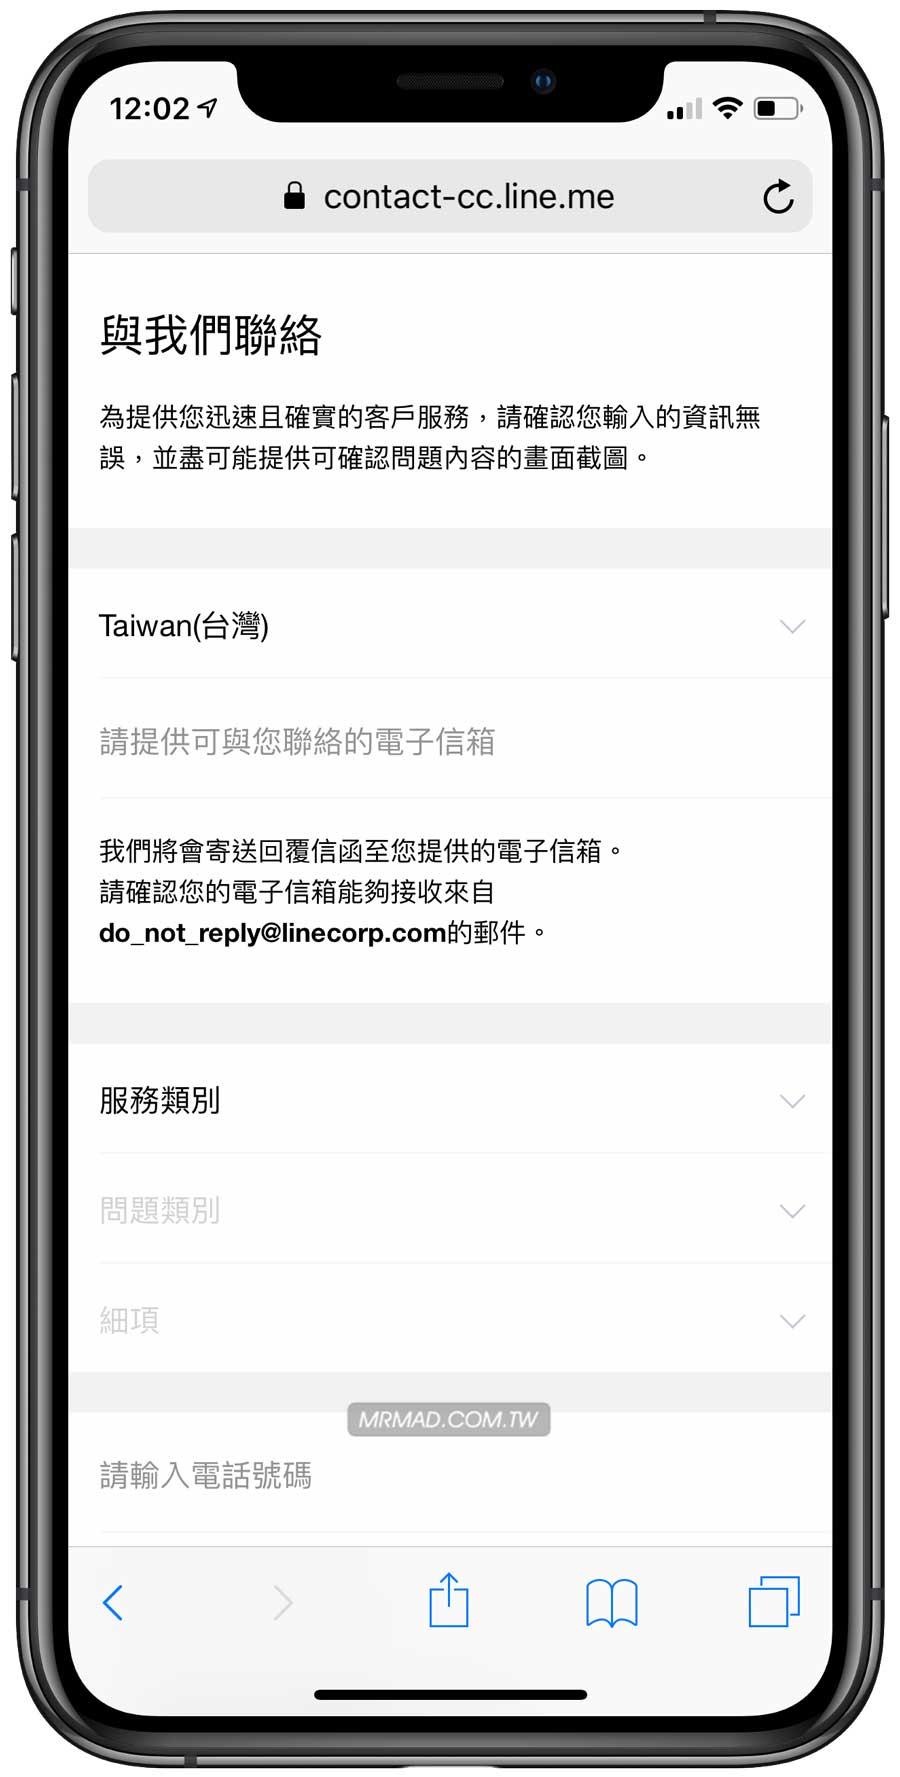 LINE 全新換機流程懶人教學: LINE 聊天訊息備份、無痛轉移技巧攻略